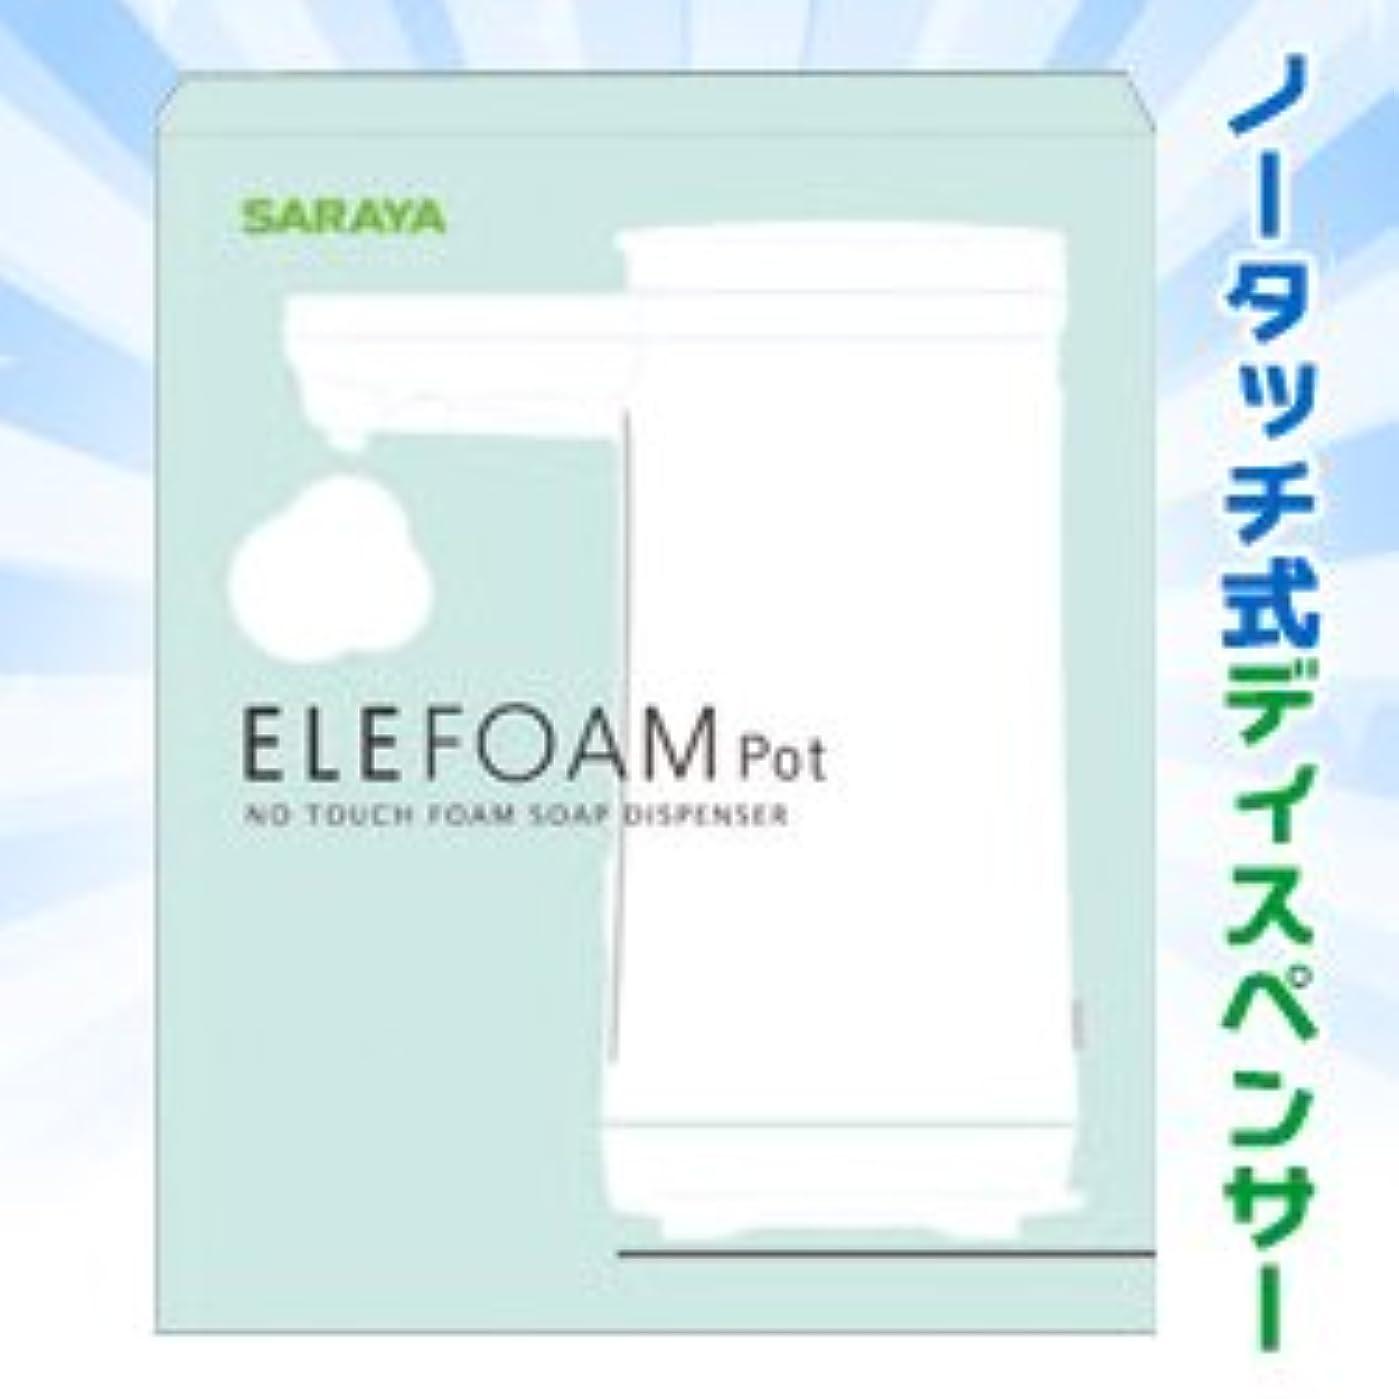 農奴ケージ最高【サラヤ】 ノータッチ式ディスペンサー エレフォームポット ×3個セット